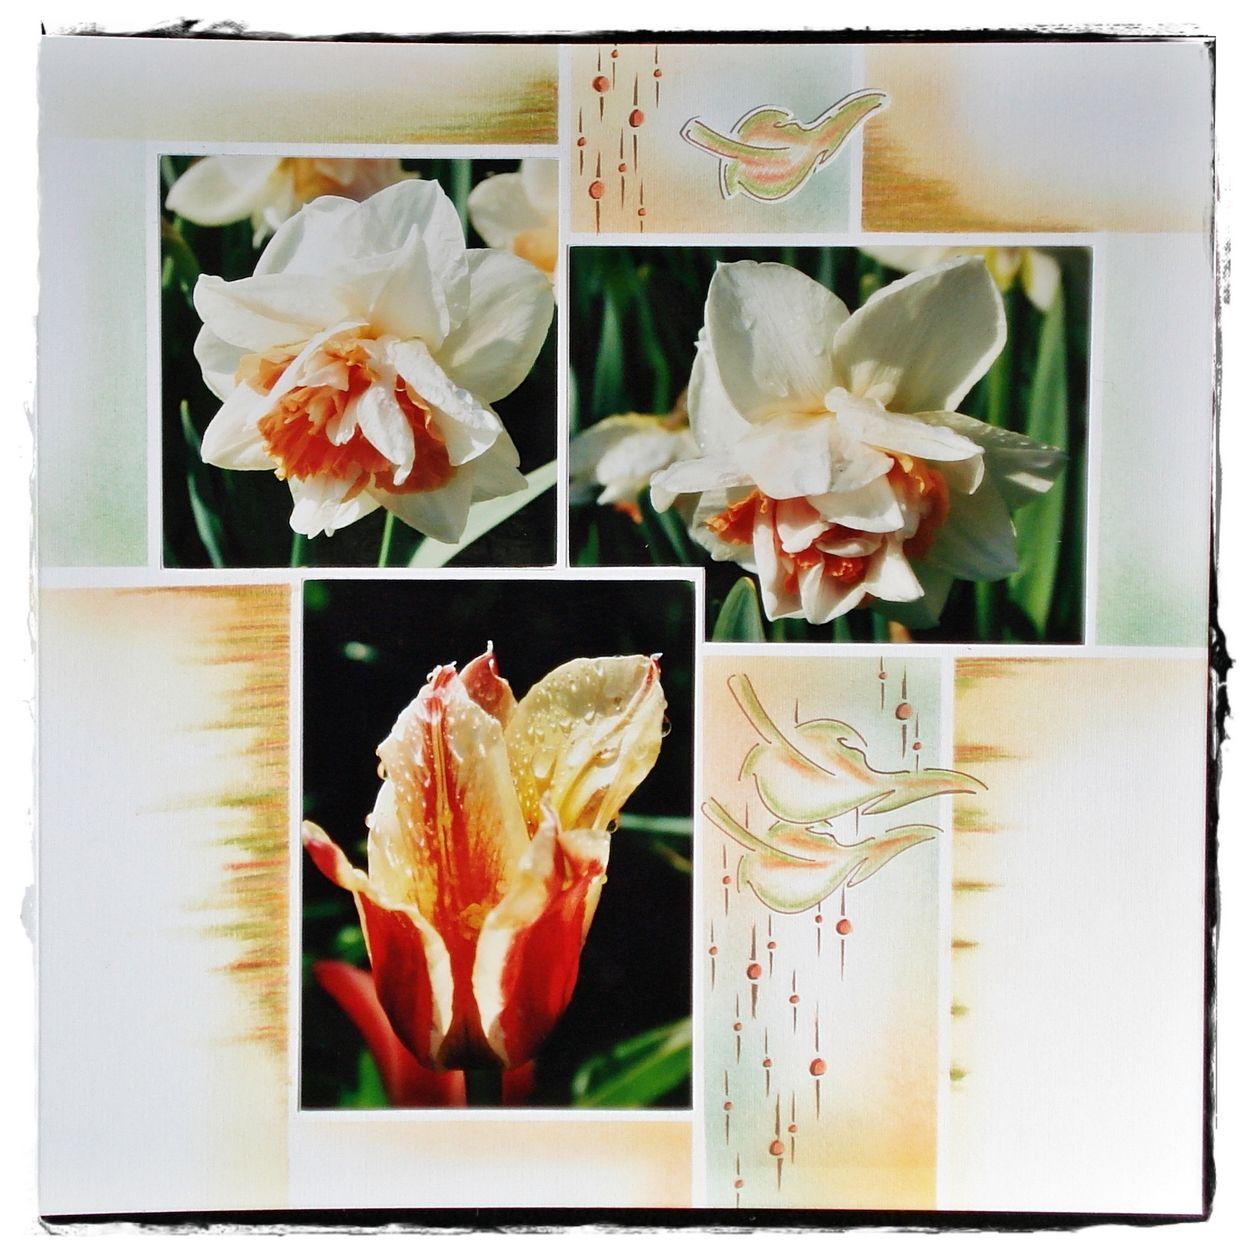 Narcisses et tulipe